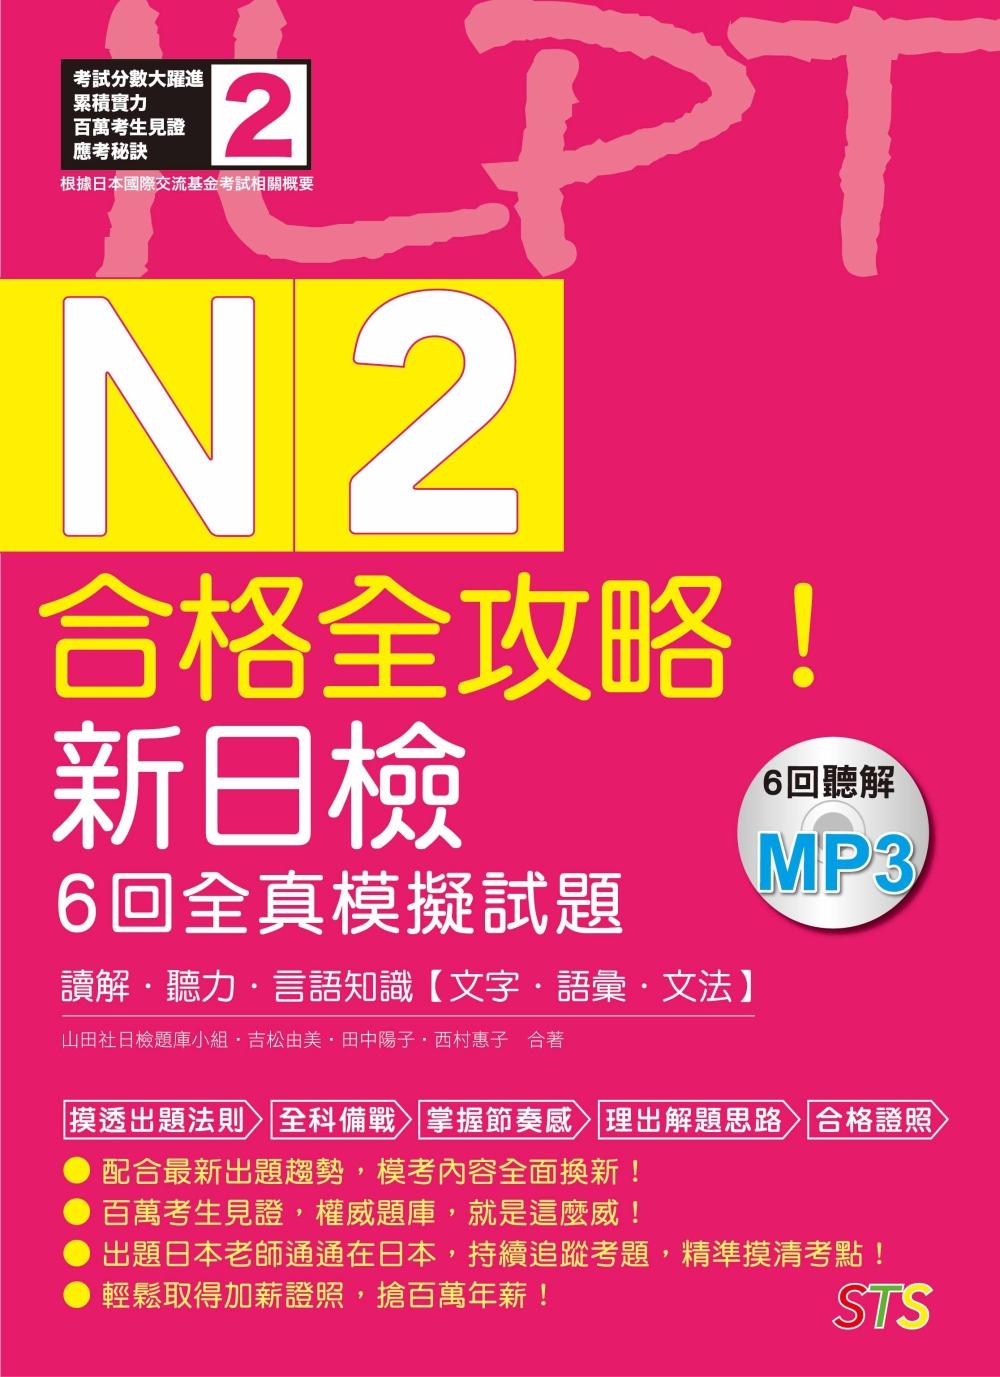 合格全攻略!新日檢6回全真模擬試題N2【讀解.聽力.言語知識〈文字.語彙.文法〉】(16K+6回聽解MP3)